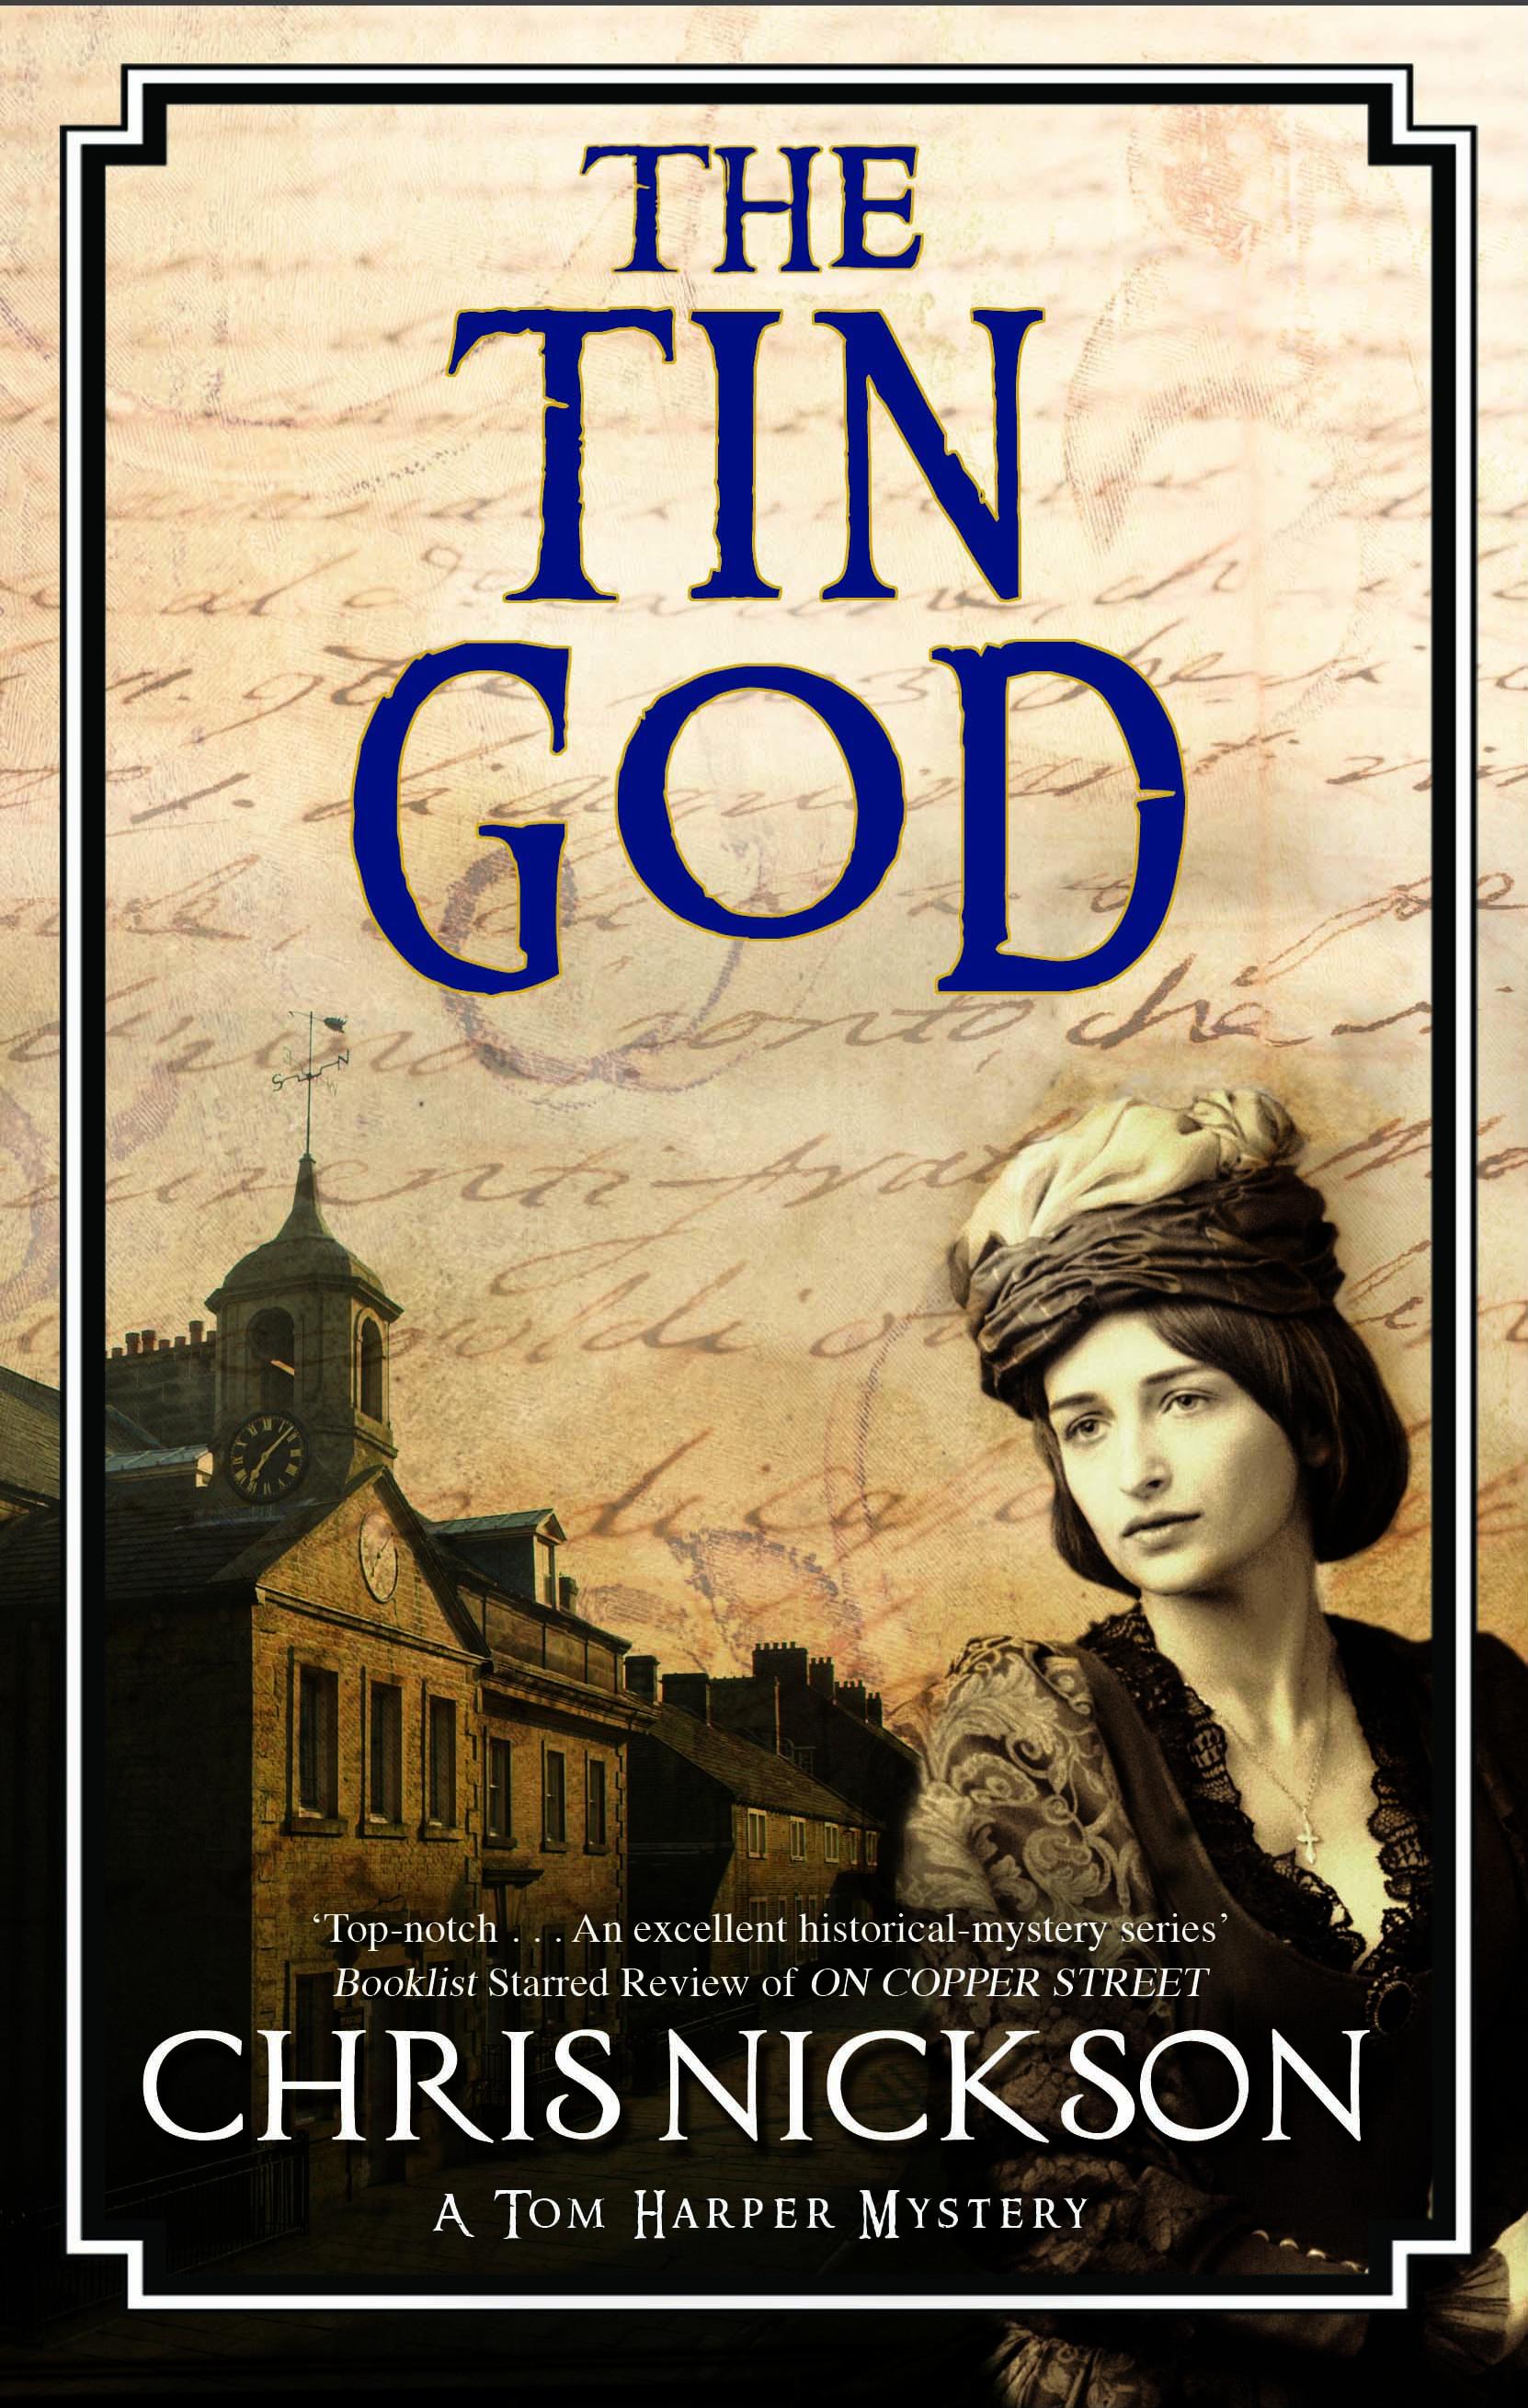 the tin god 4 (1)